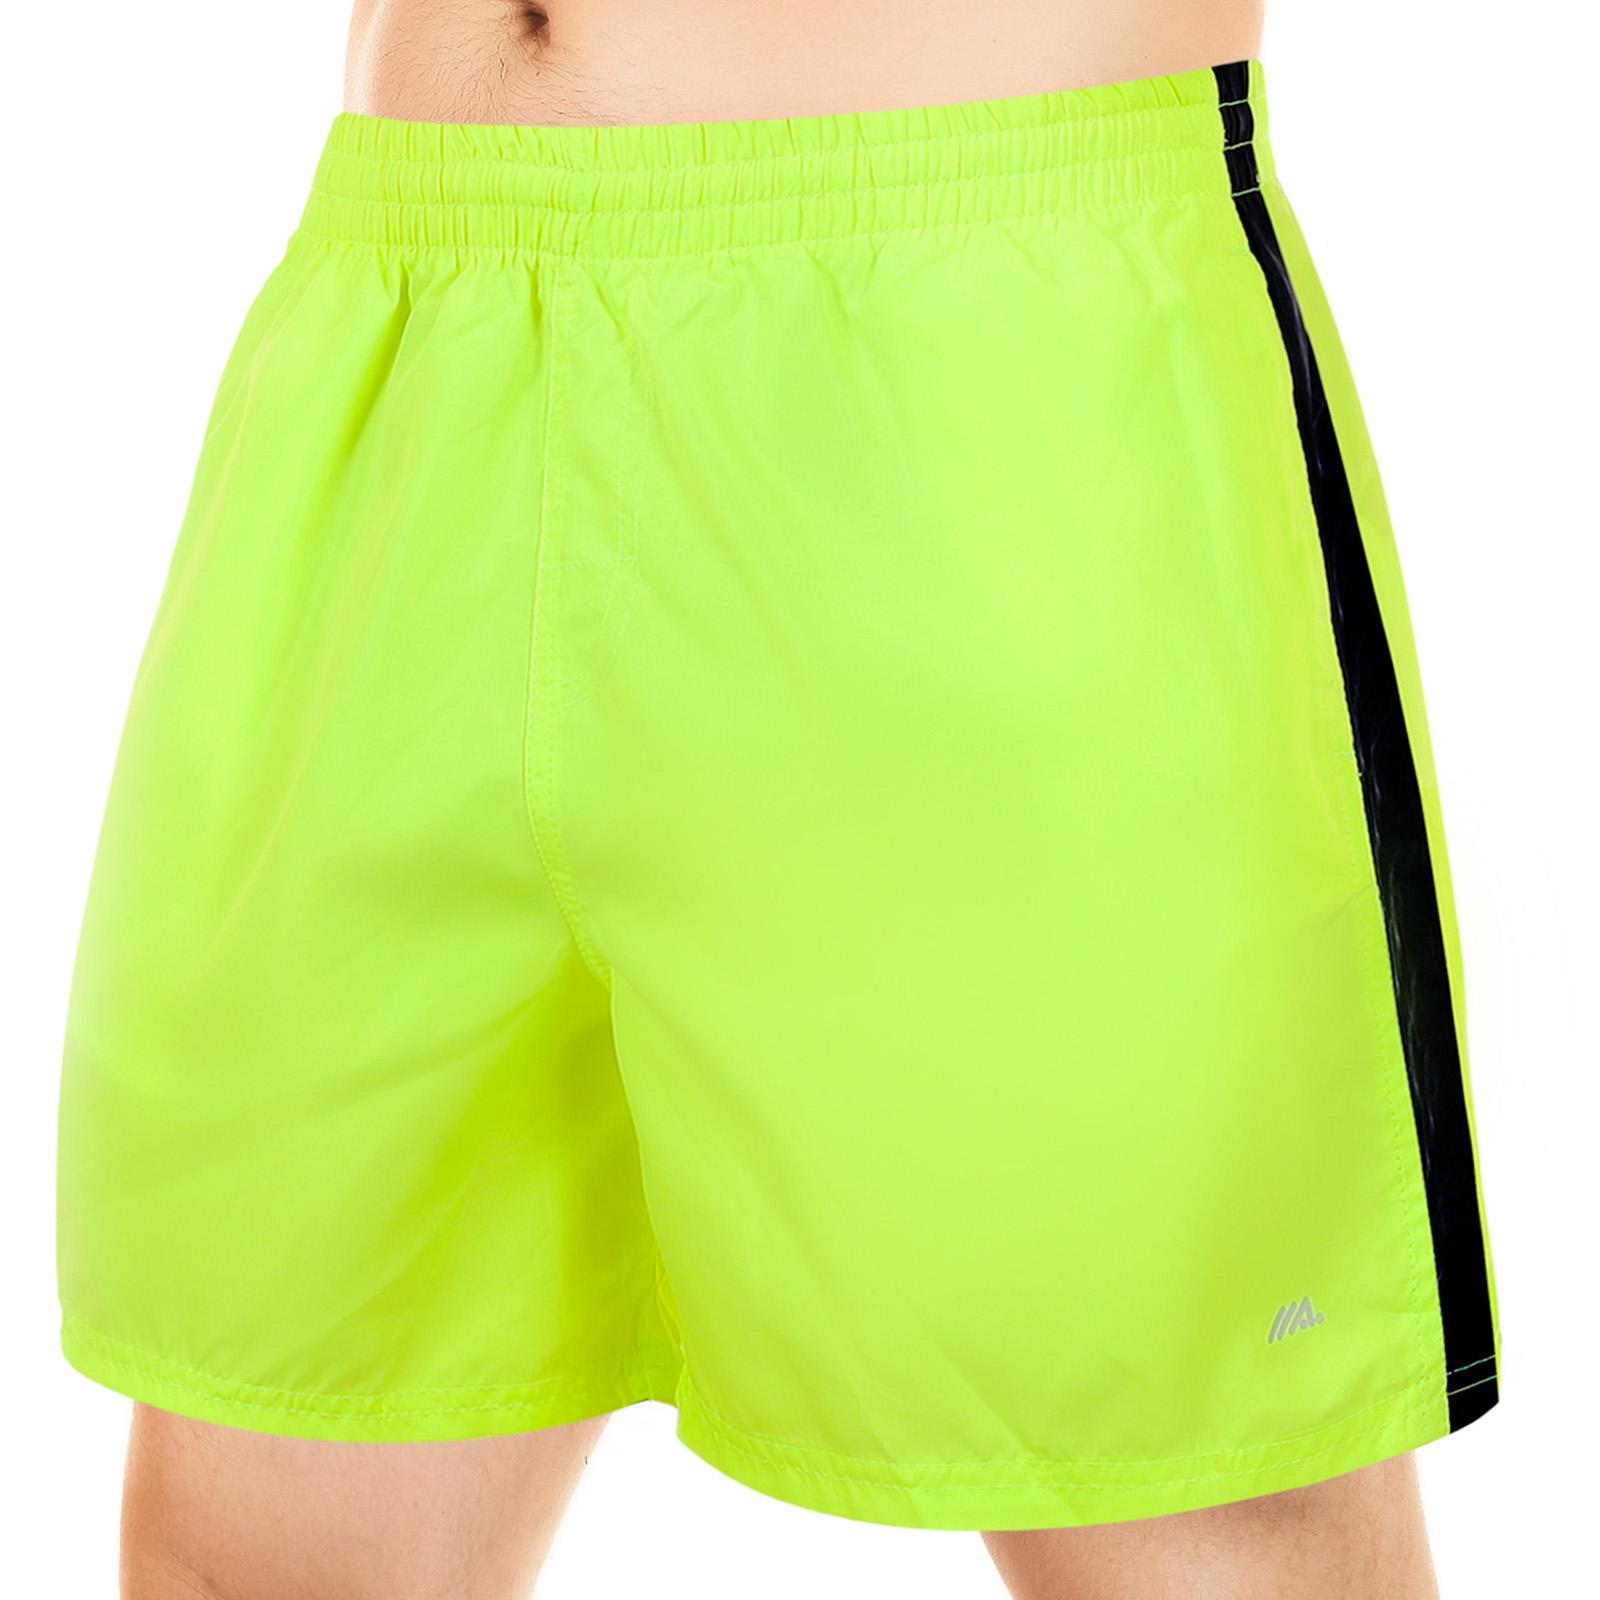 Короткие мужские шорты ярко-лимонного цвета от MACE (Канада)